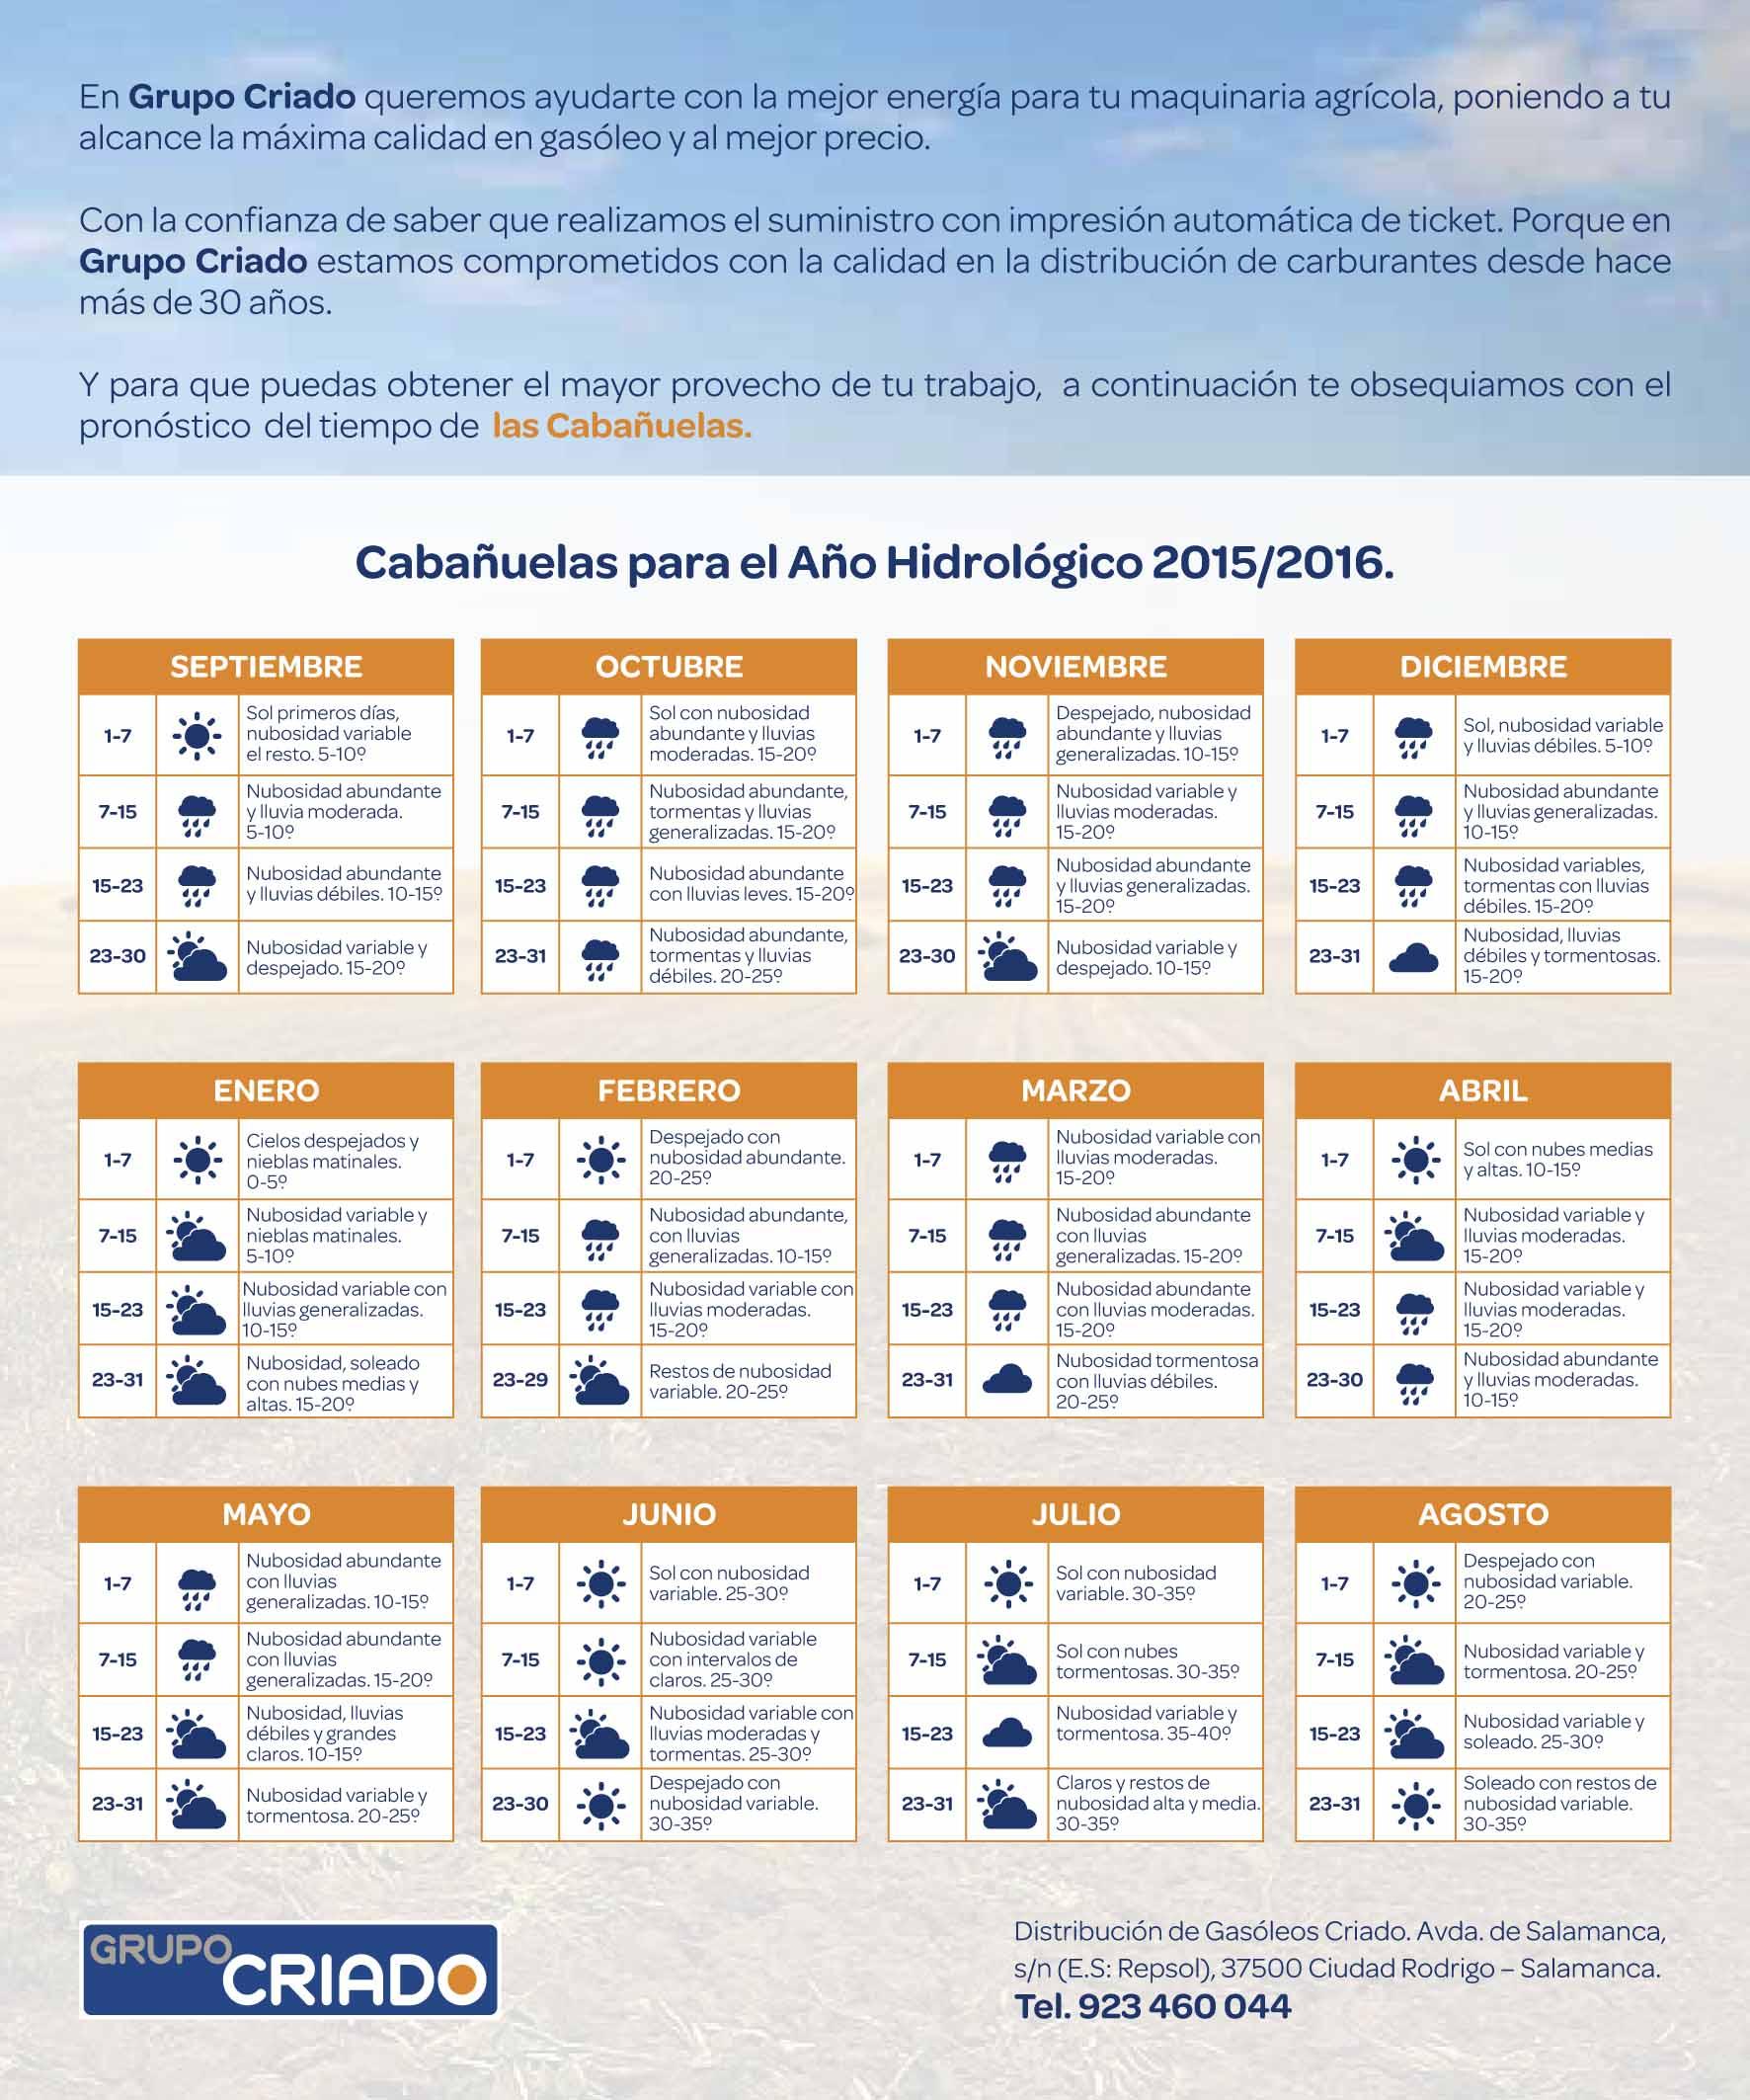 Calendario Cabanuelas.Gasoleos Agricola Criado Calendario Cabanuelas 2015 2016